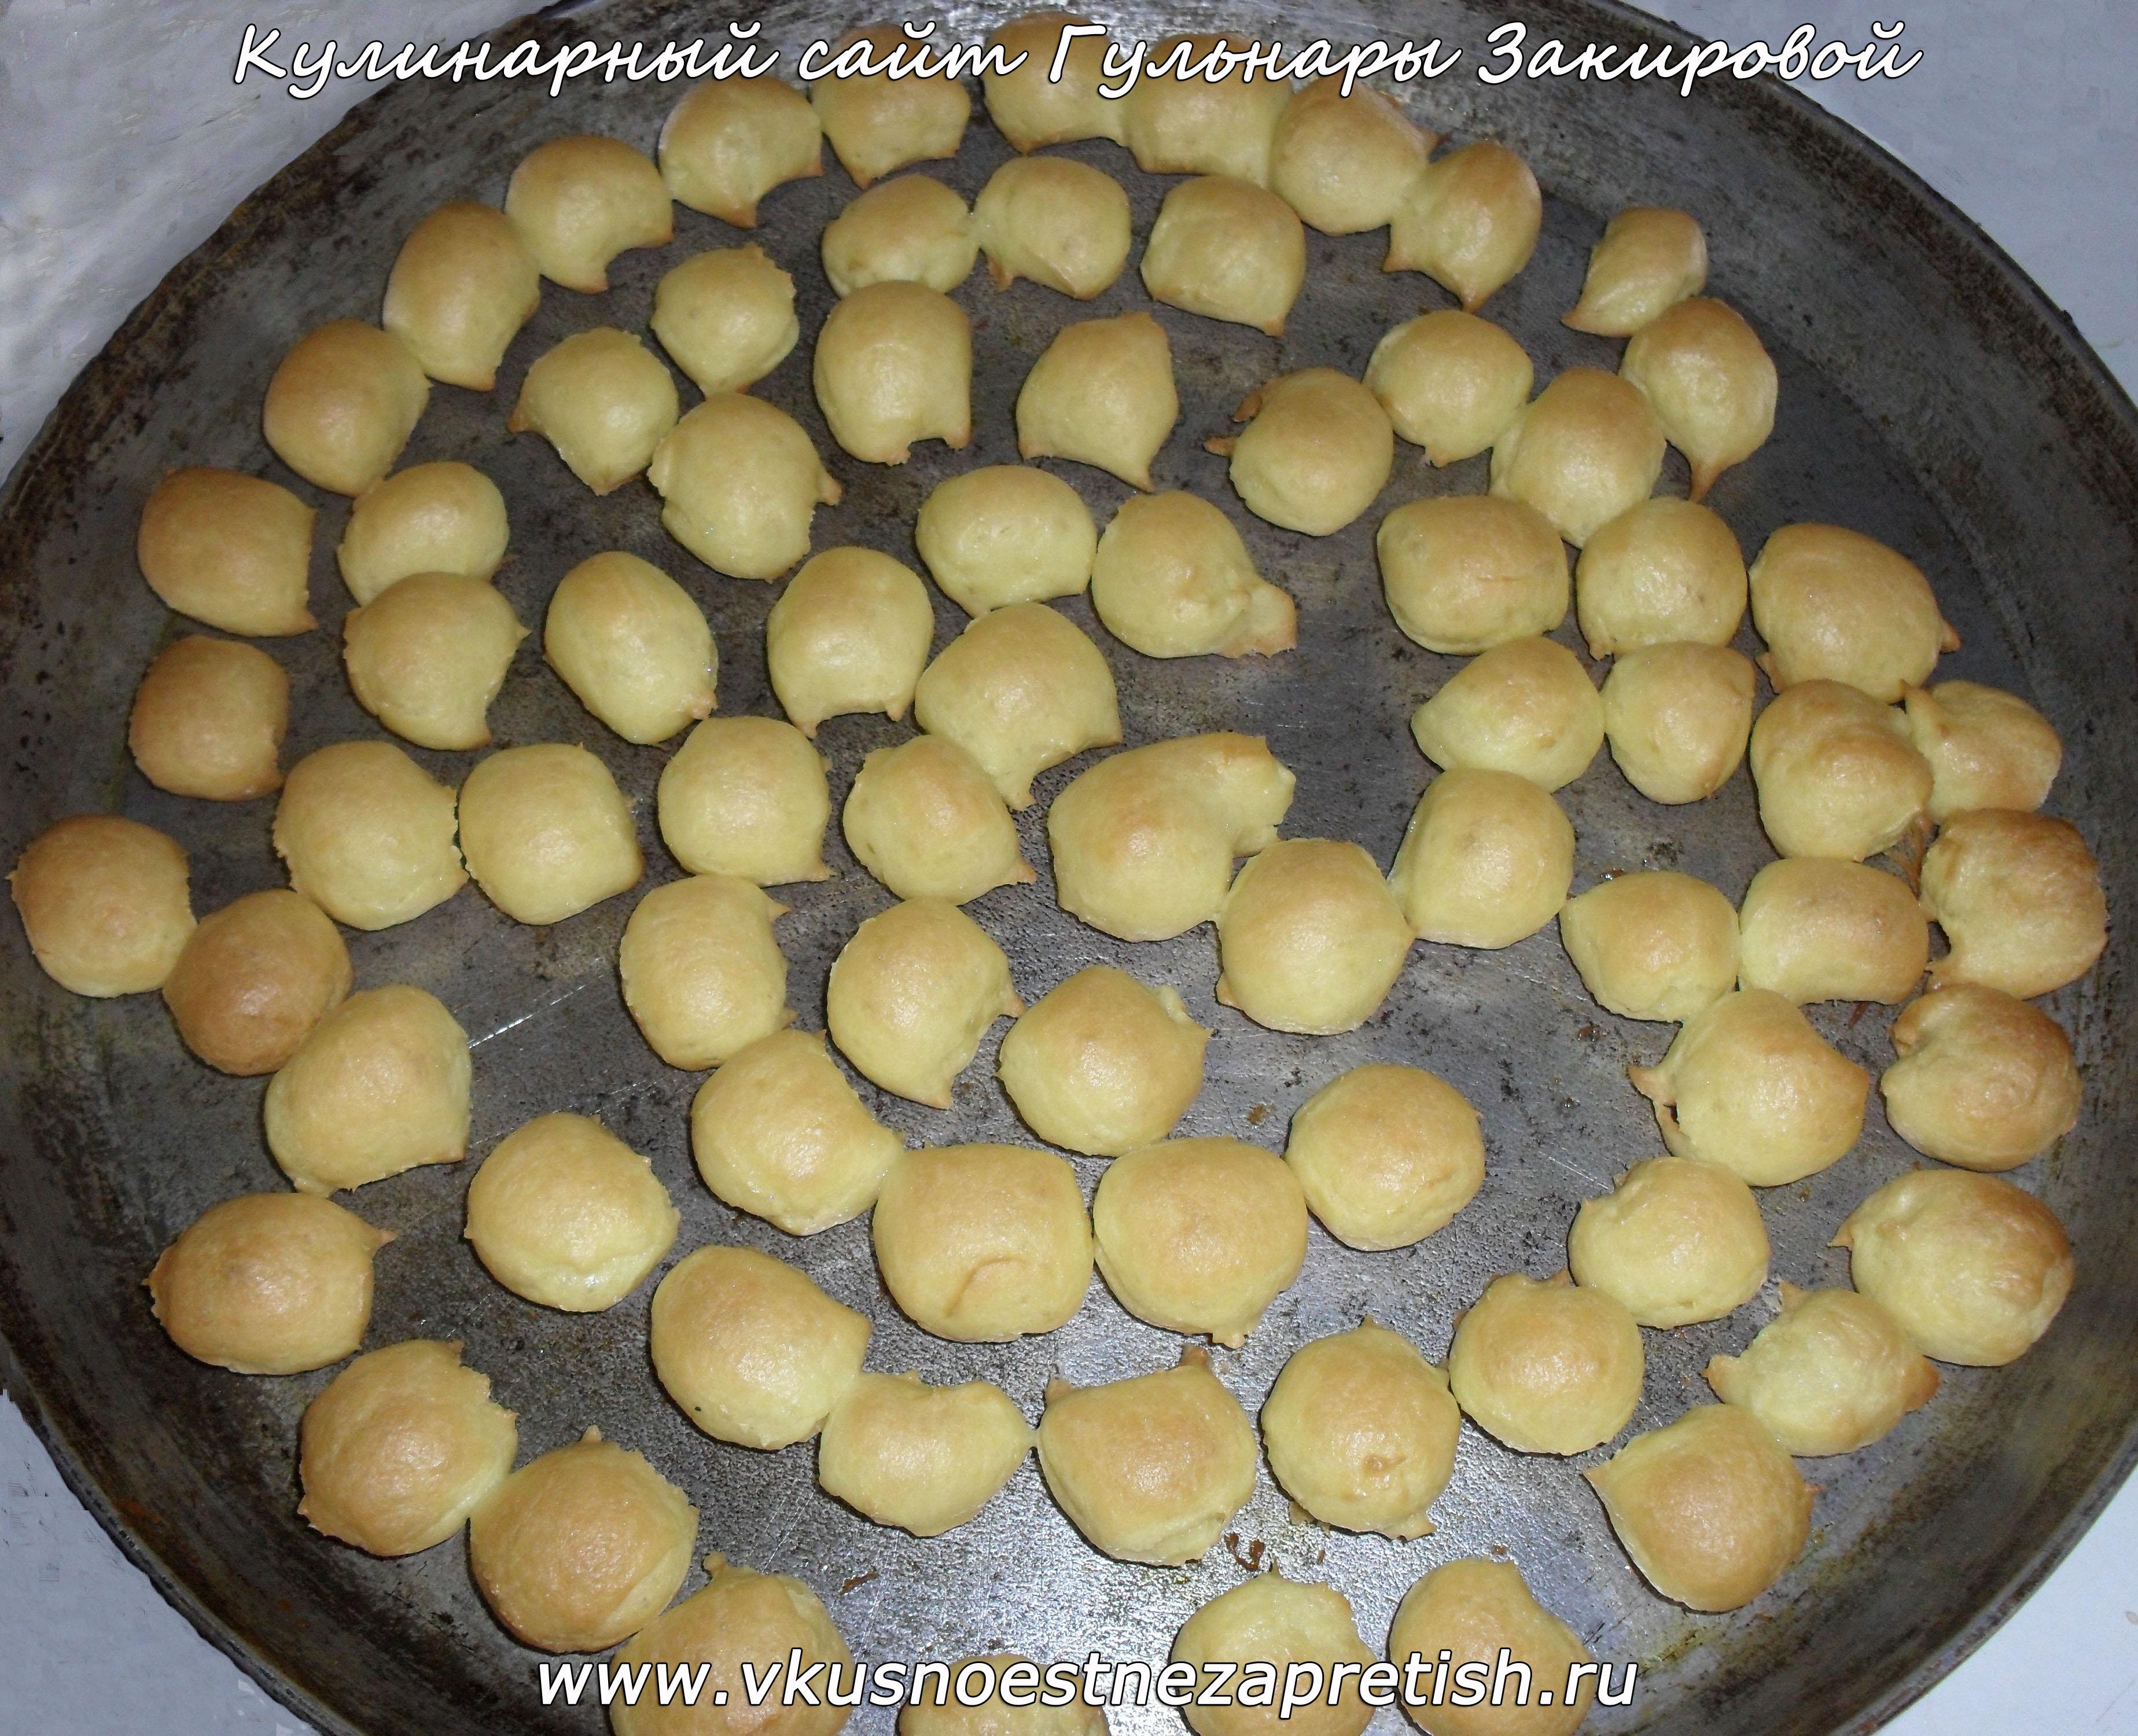 торт из шариков со сметанным кремом рецепт с фото